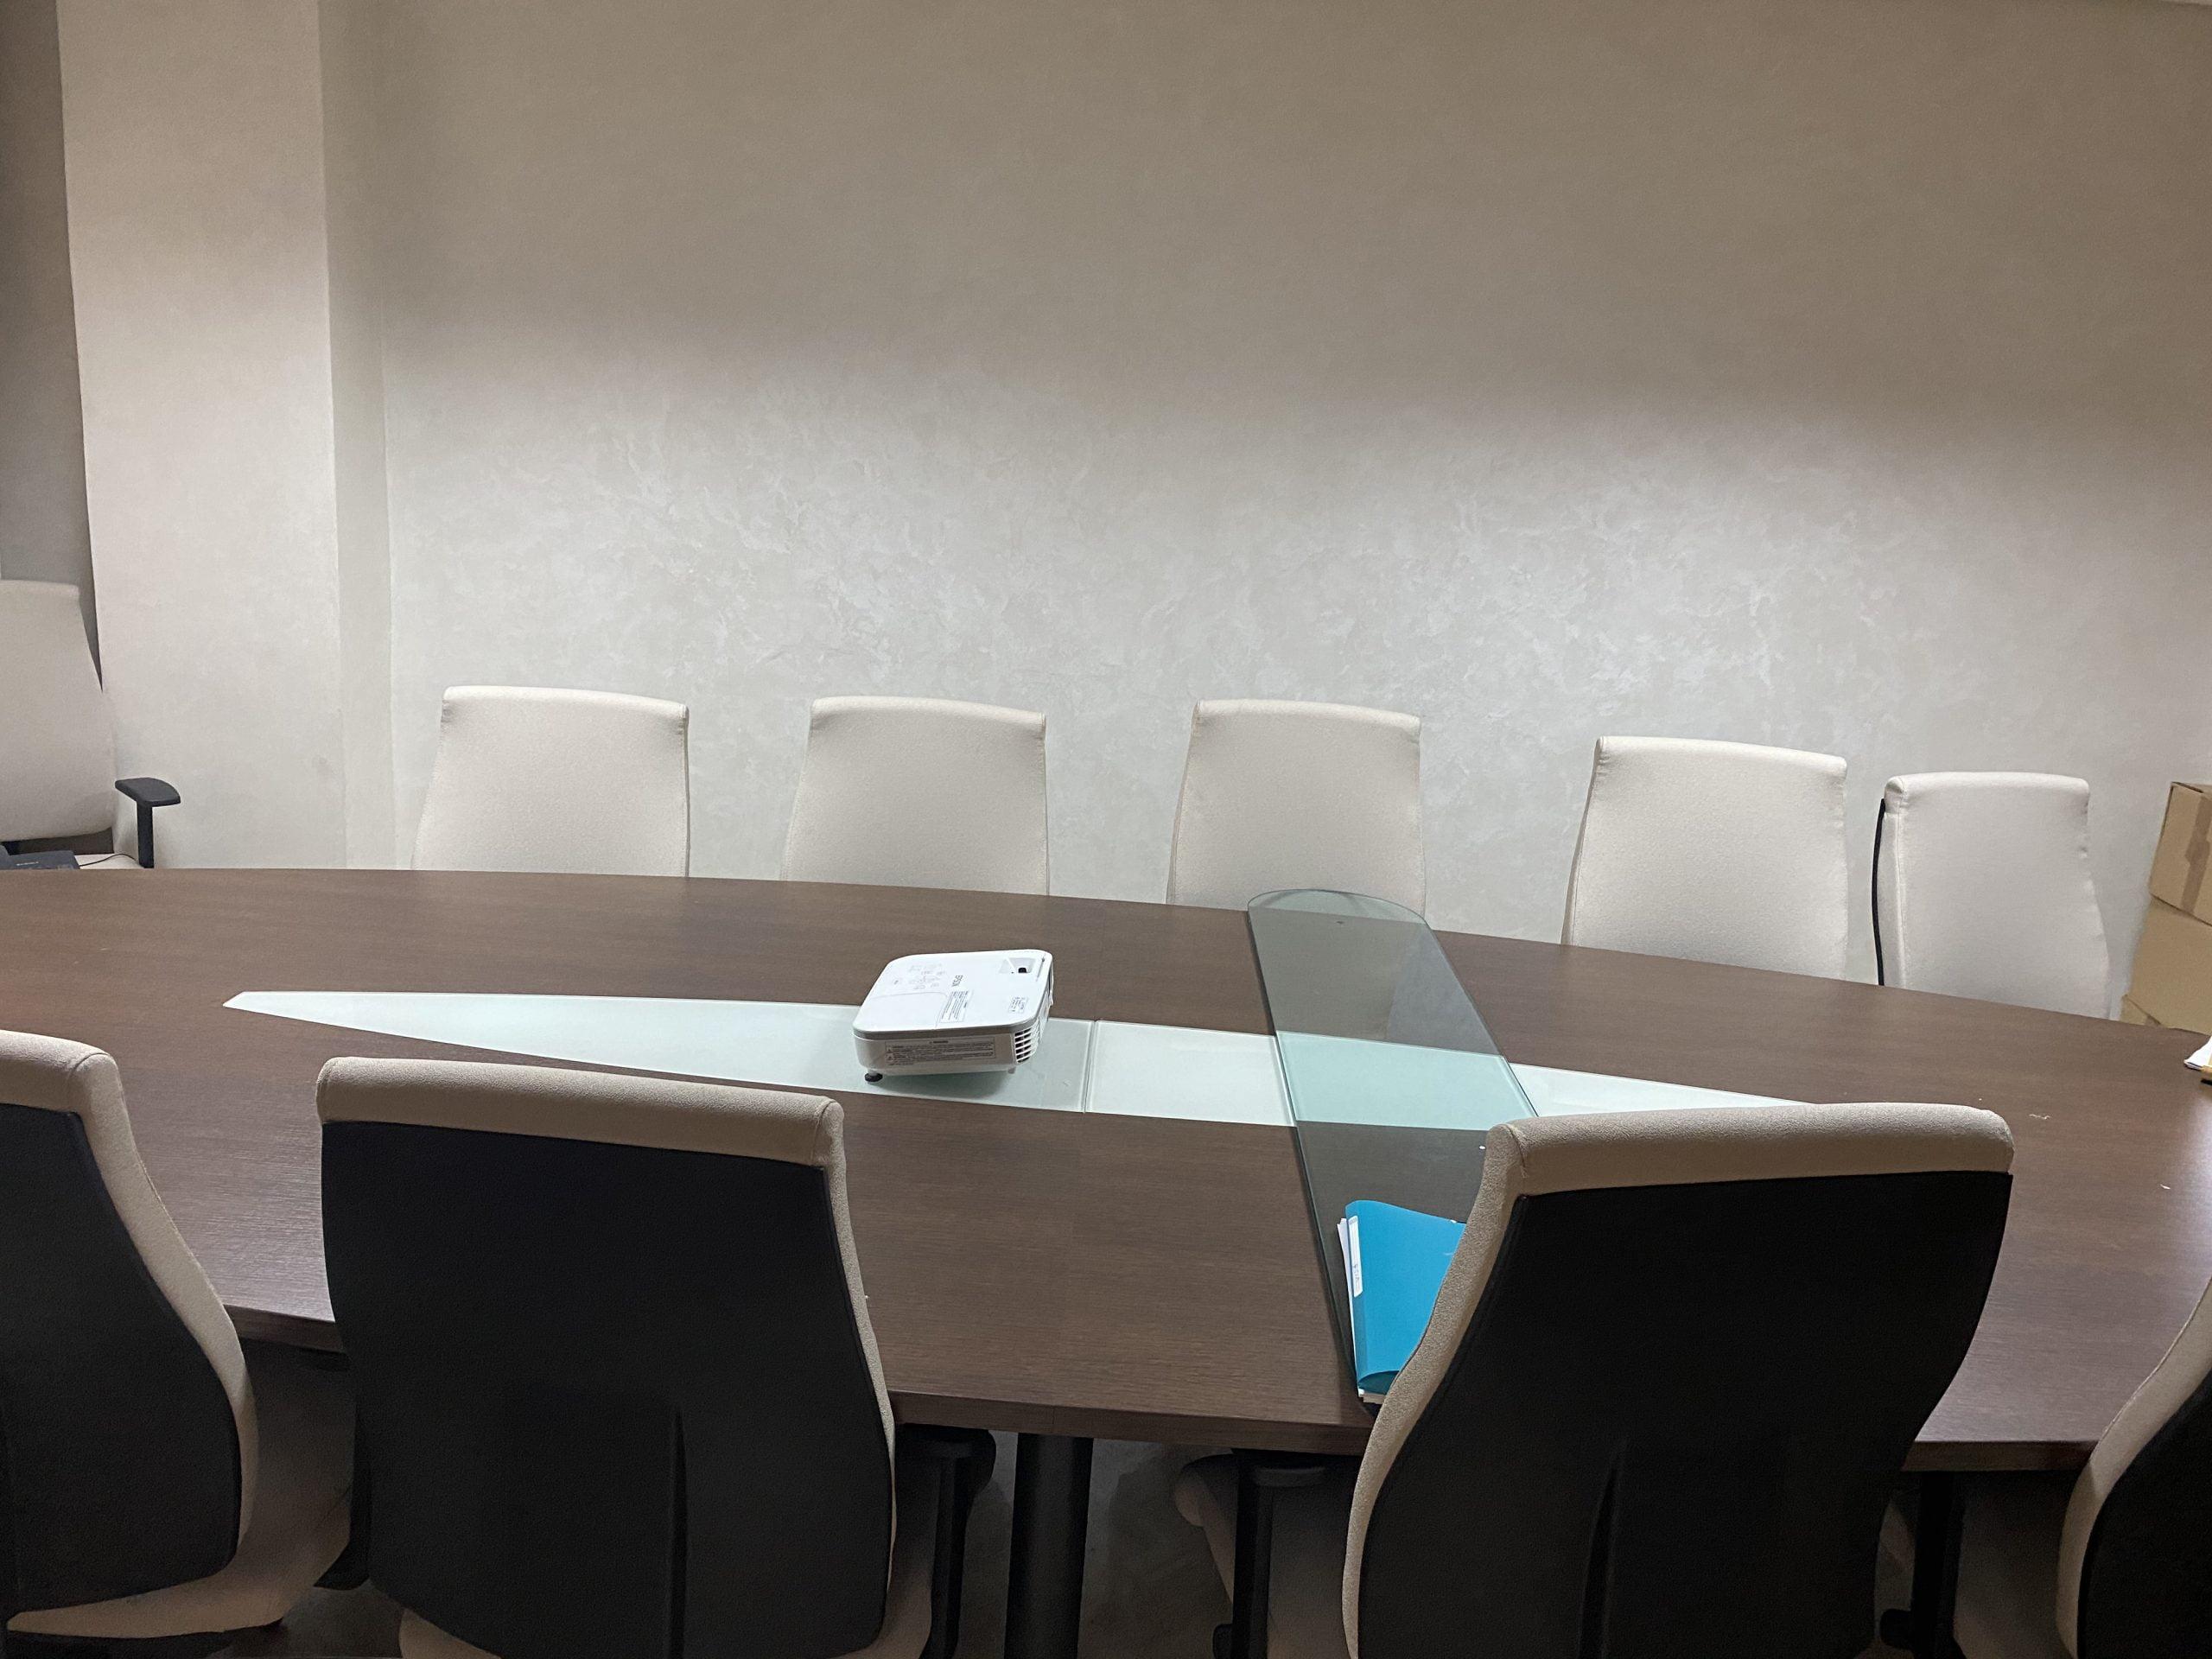 Vente d'un très beau bureau avec un studio attenant très bien situé et bien agencé et aménagé